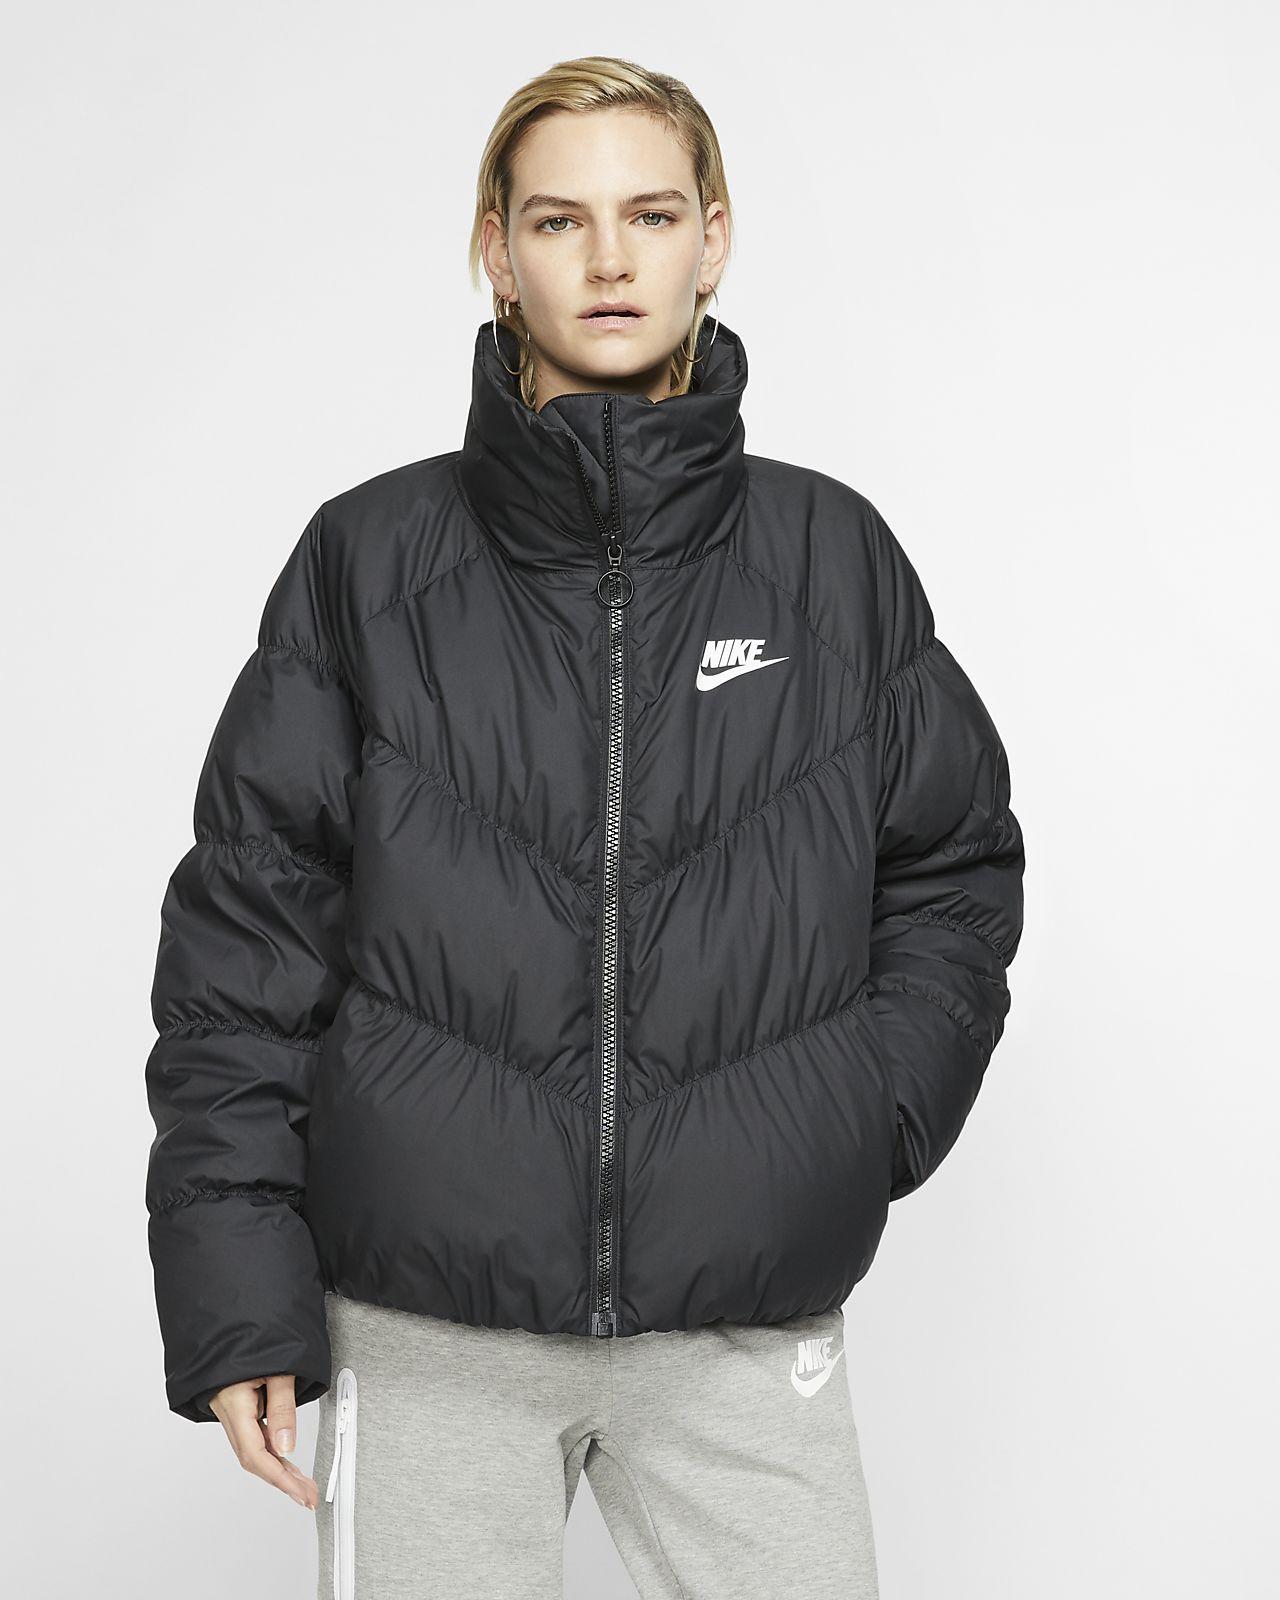 nike sportswear damen jacke